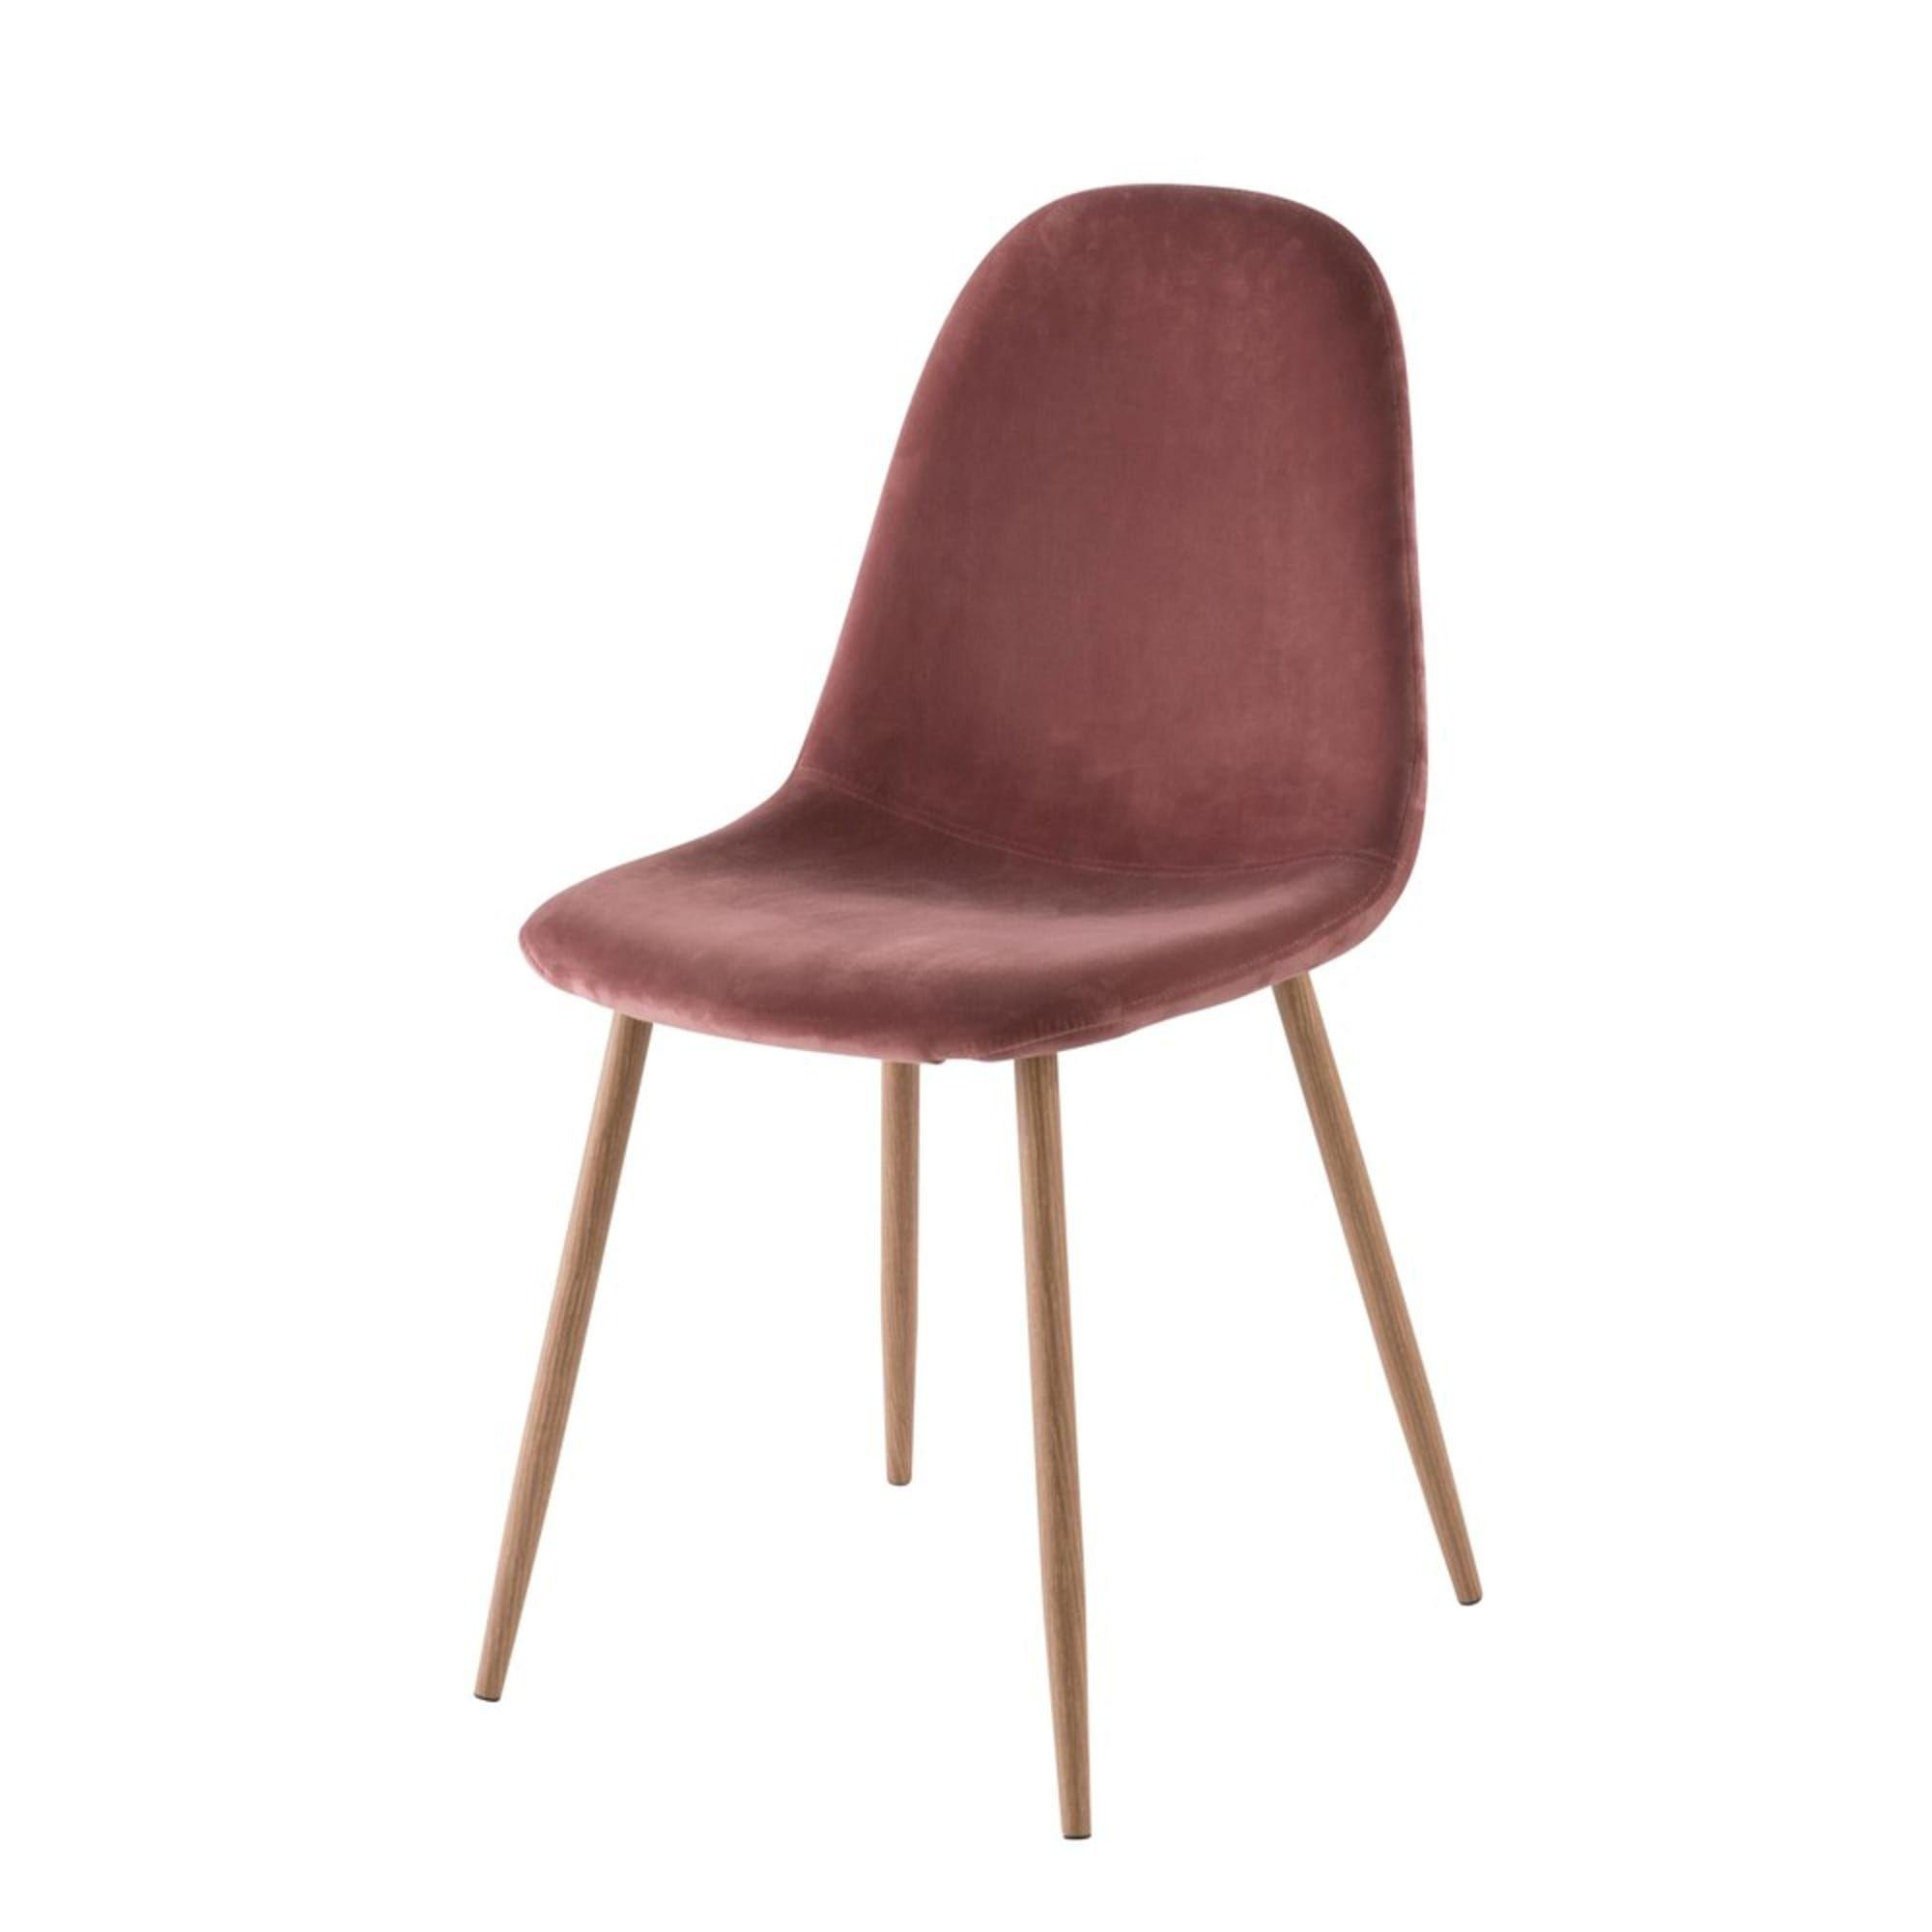 Skandinavischer Stuhl Altrosa Samtbezug Clyde Maisons Du Monde In 2020 Skandinavische Stuhle Stuhle Und Altrosa